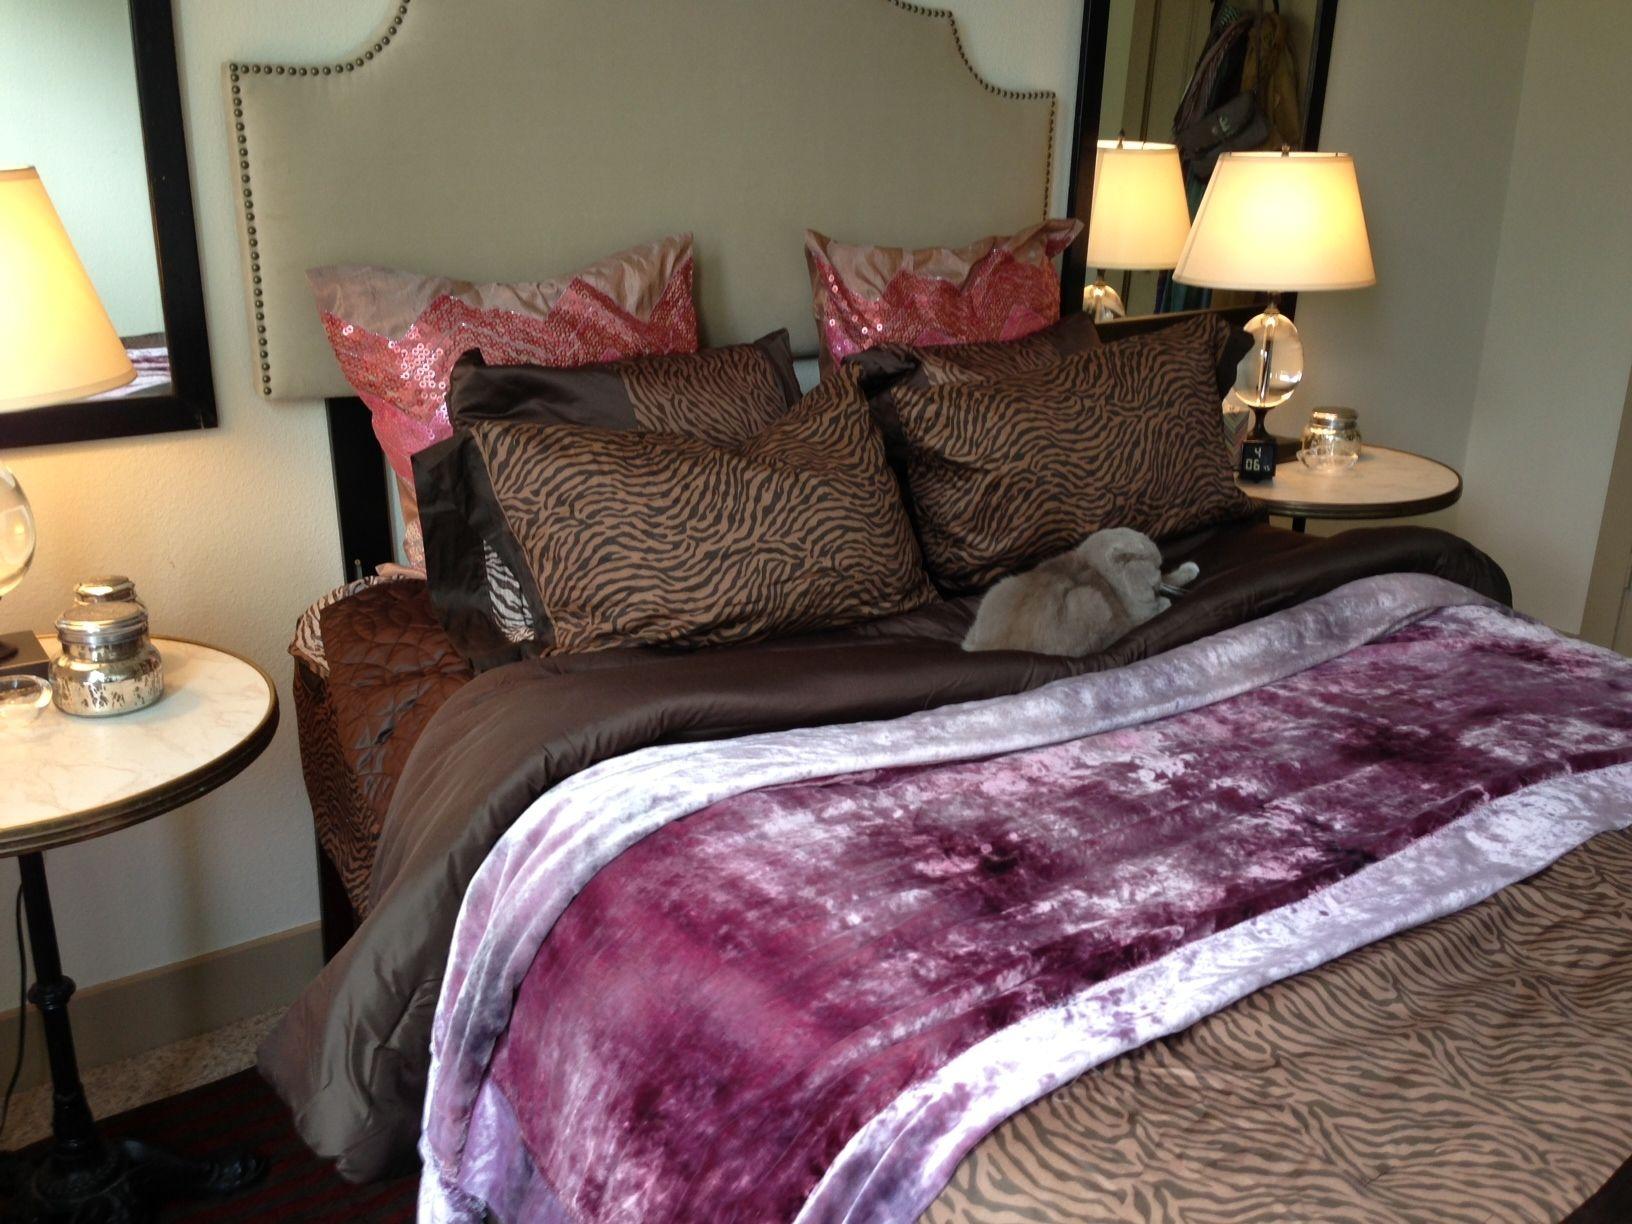 Added sequin chevron pillows to bedding to lighten up dark bedding.